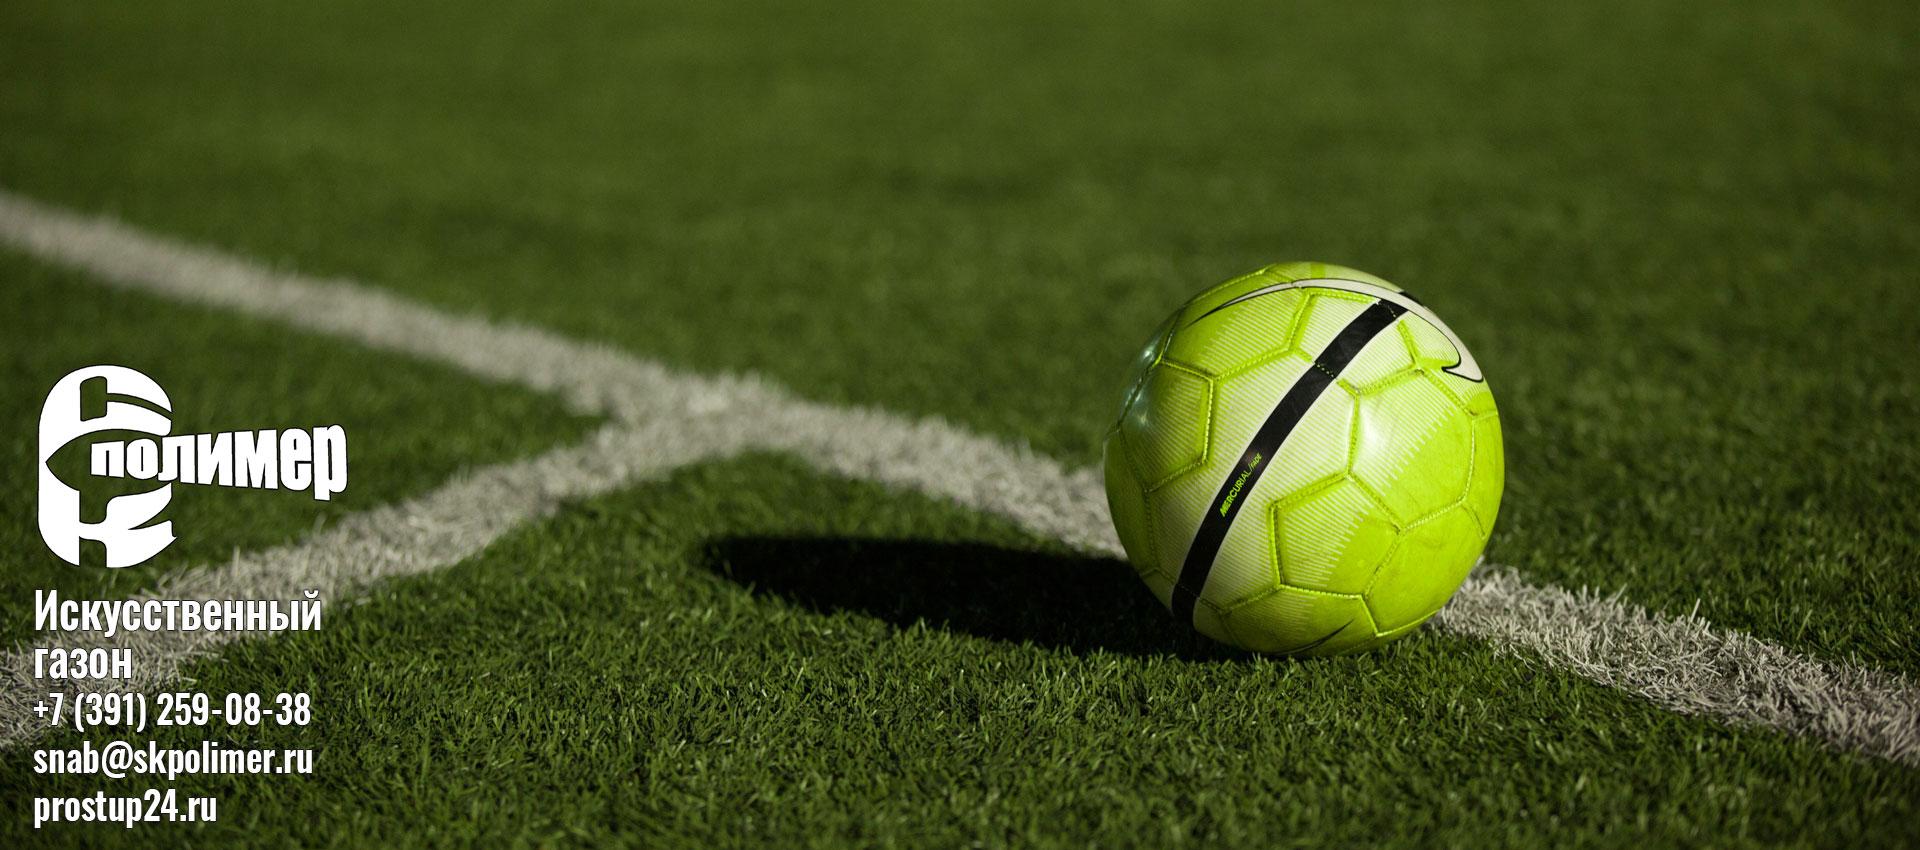 искусственный футбольный газон